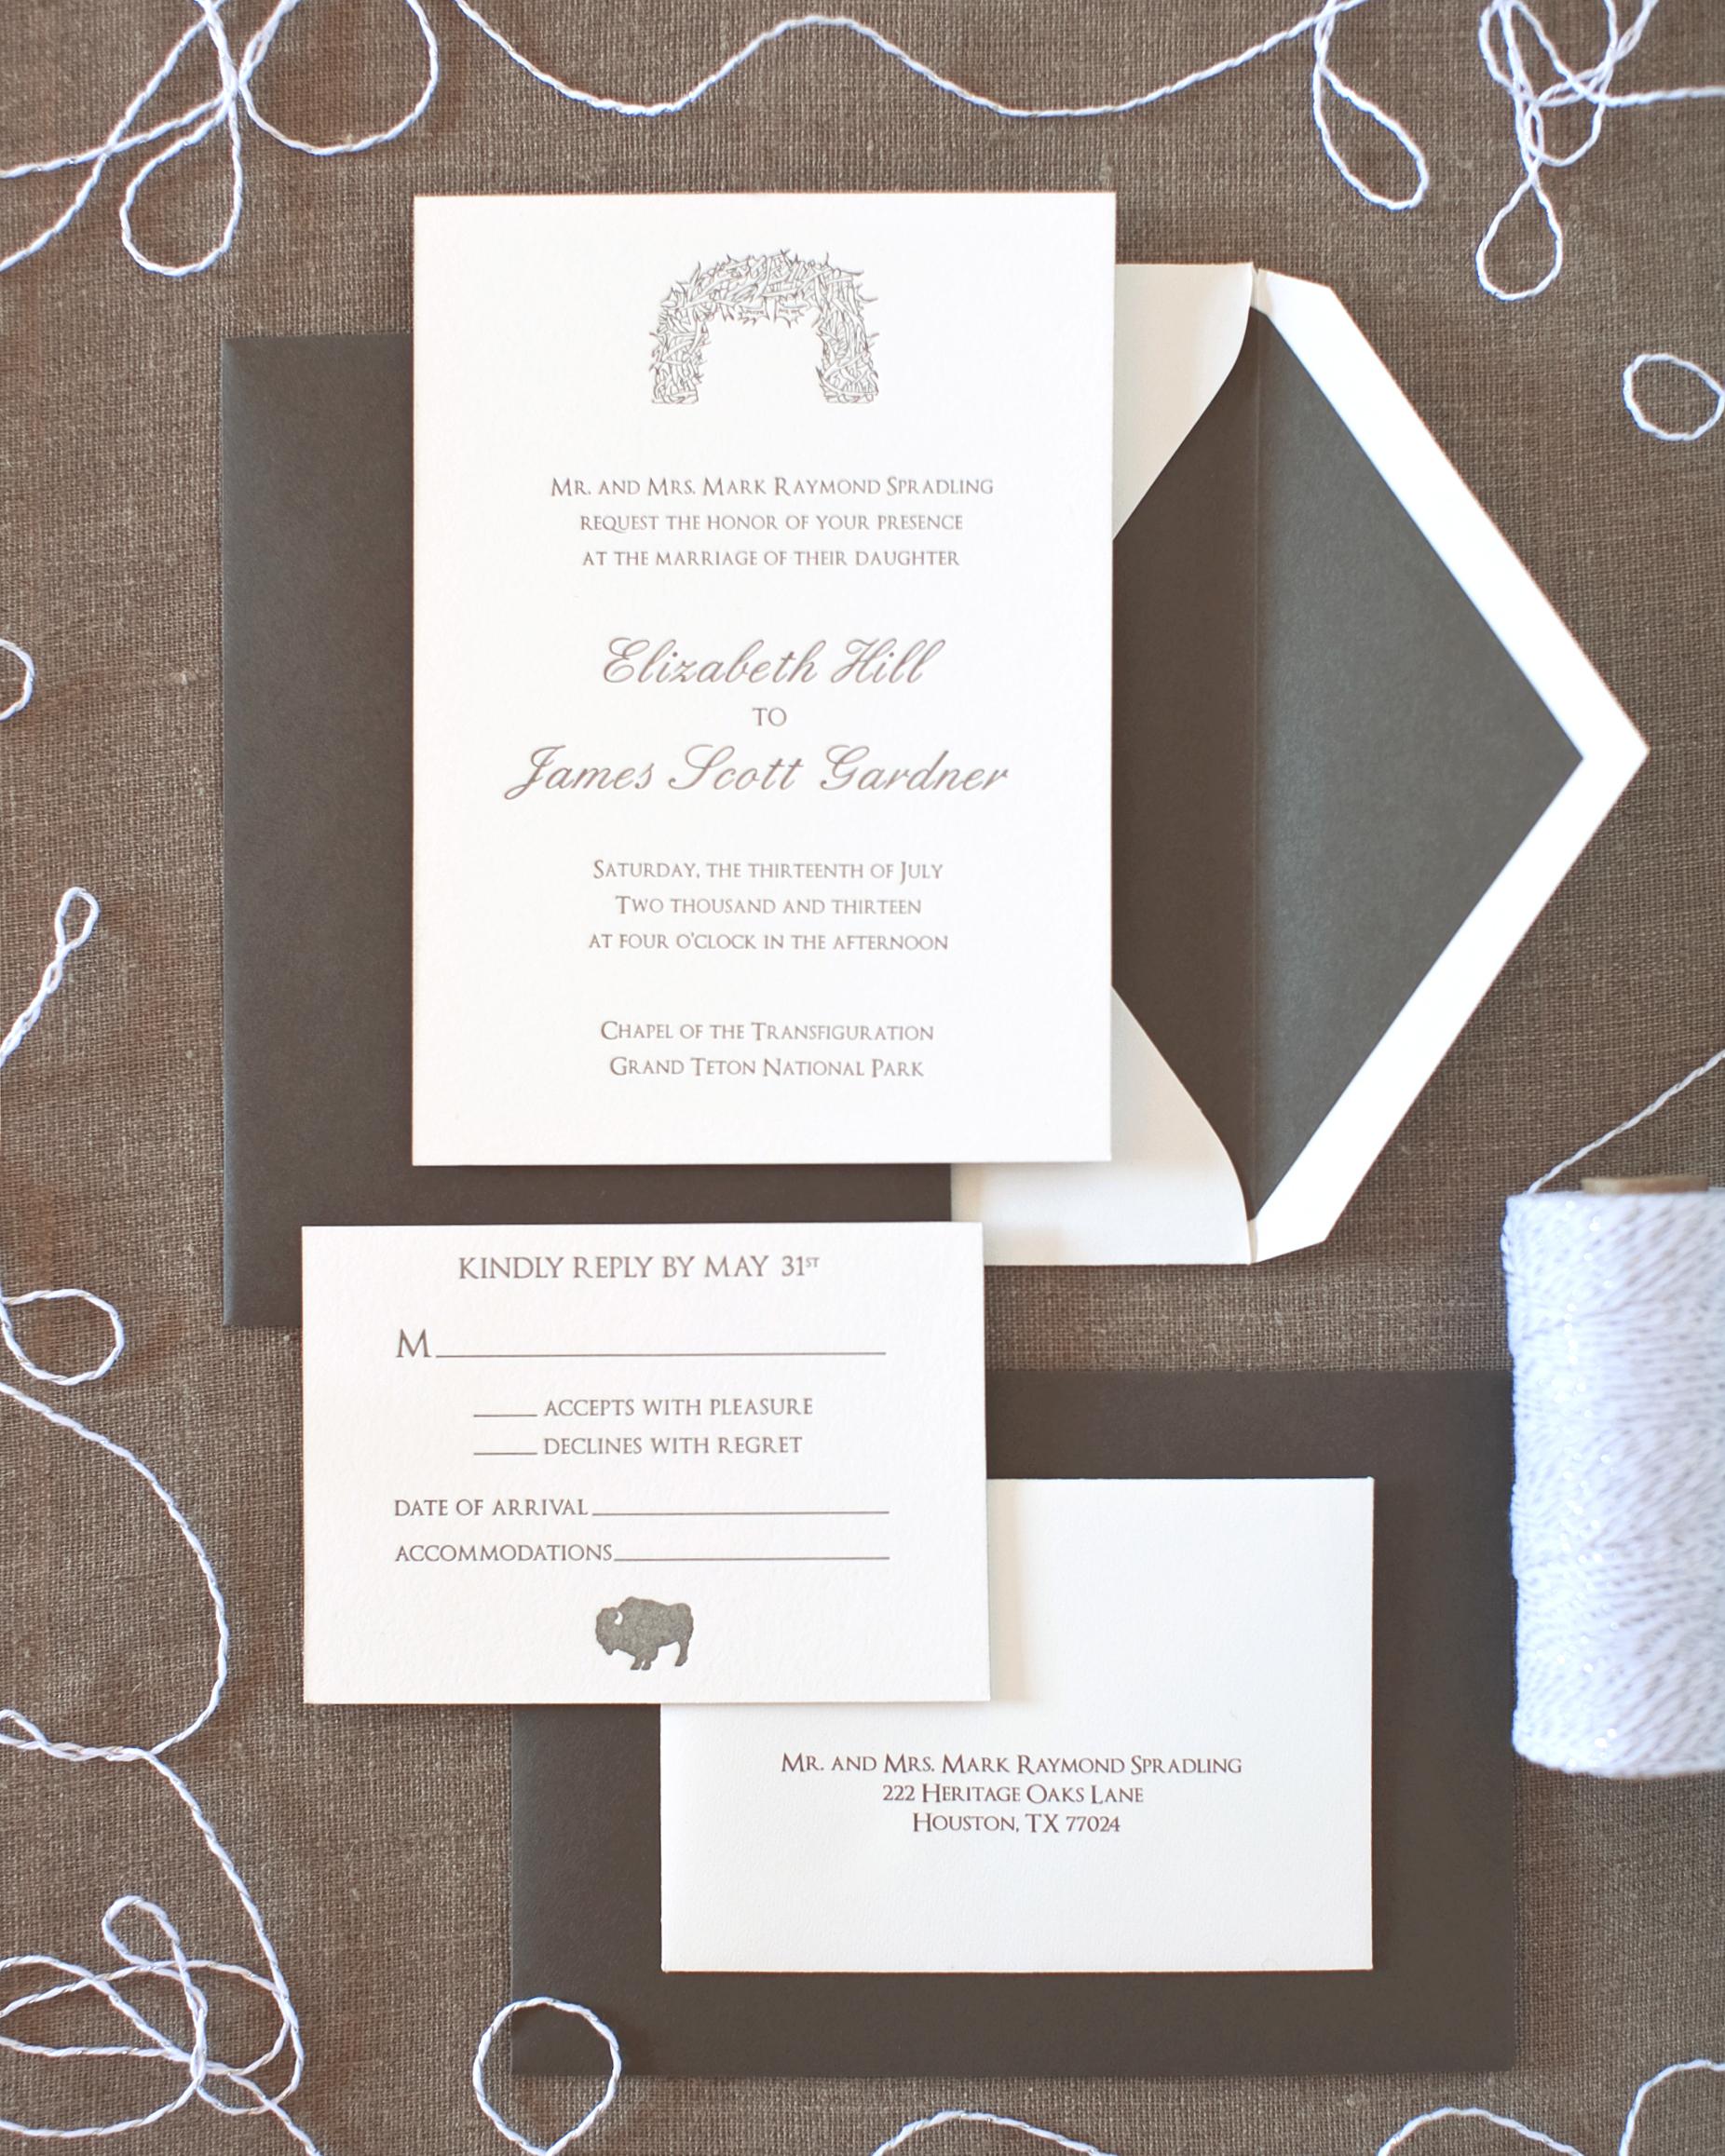 elizabeth-scott-wedding-invite-0314.jpg